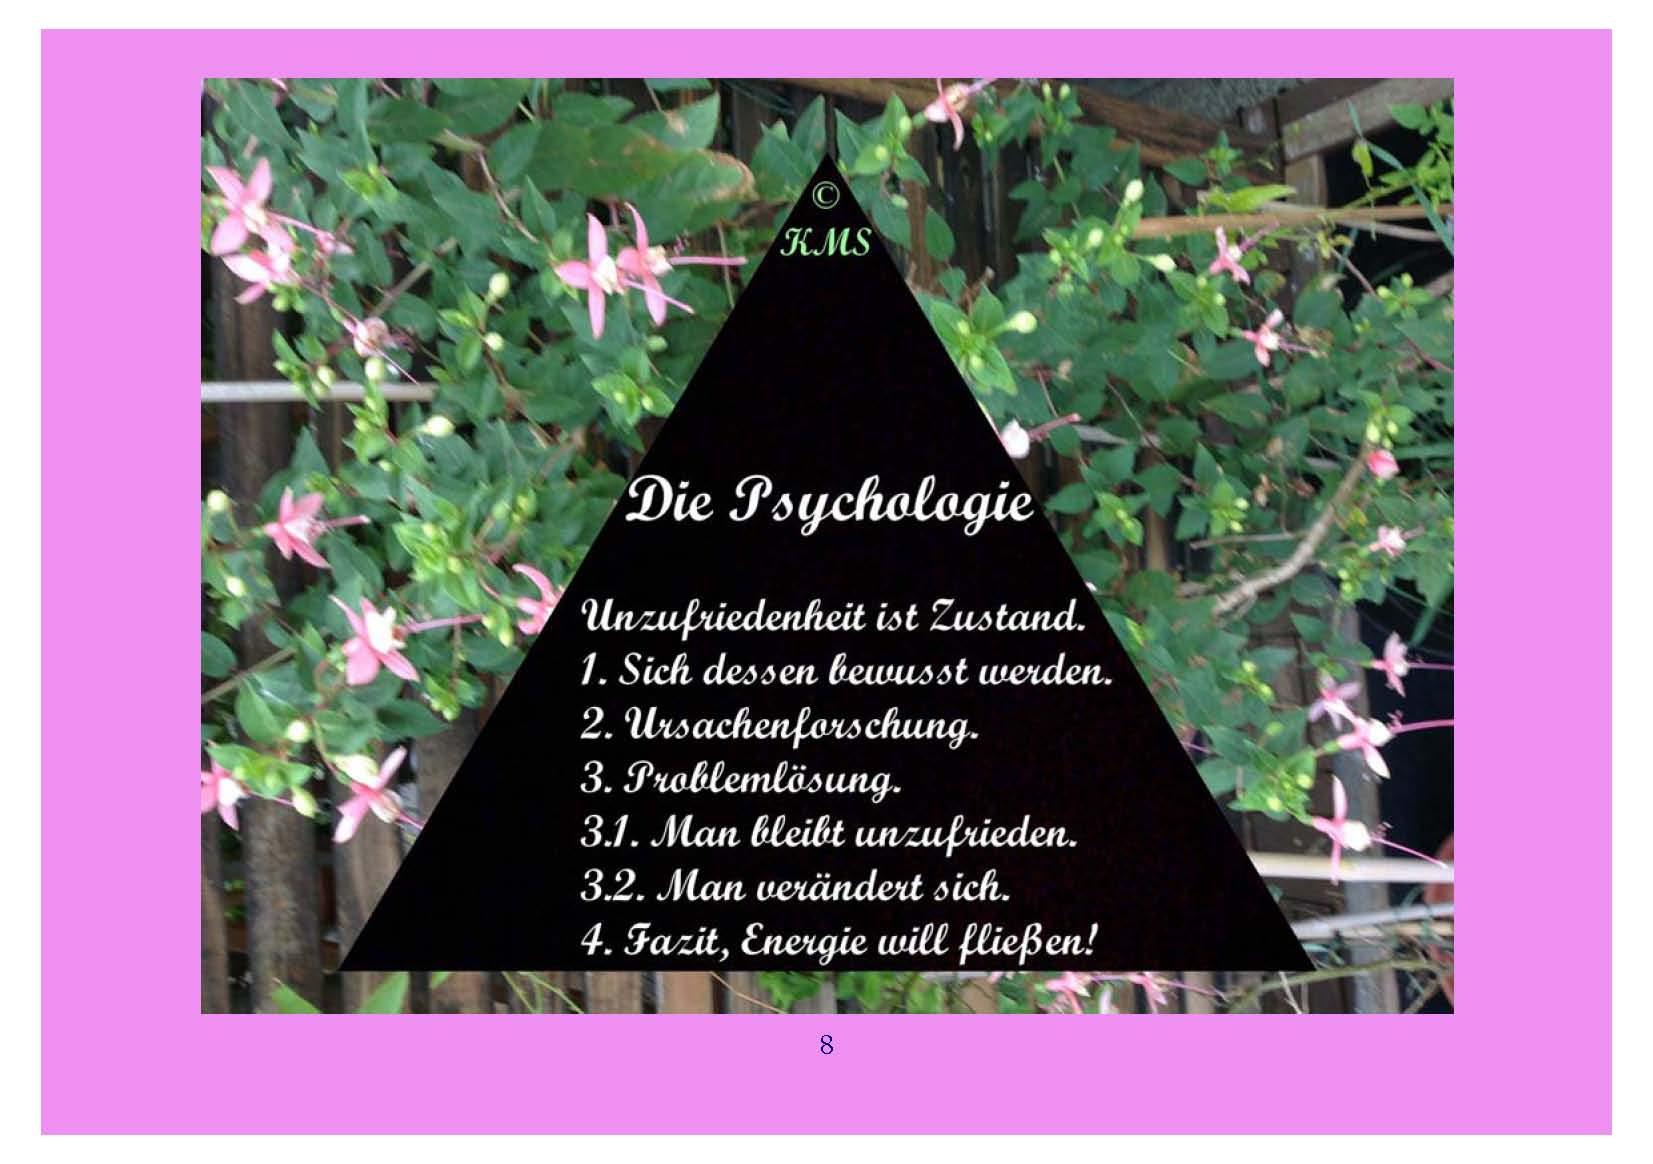 ™Gigabuch-Bibliothek/iAutobiographie Band 12/Bild 0806